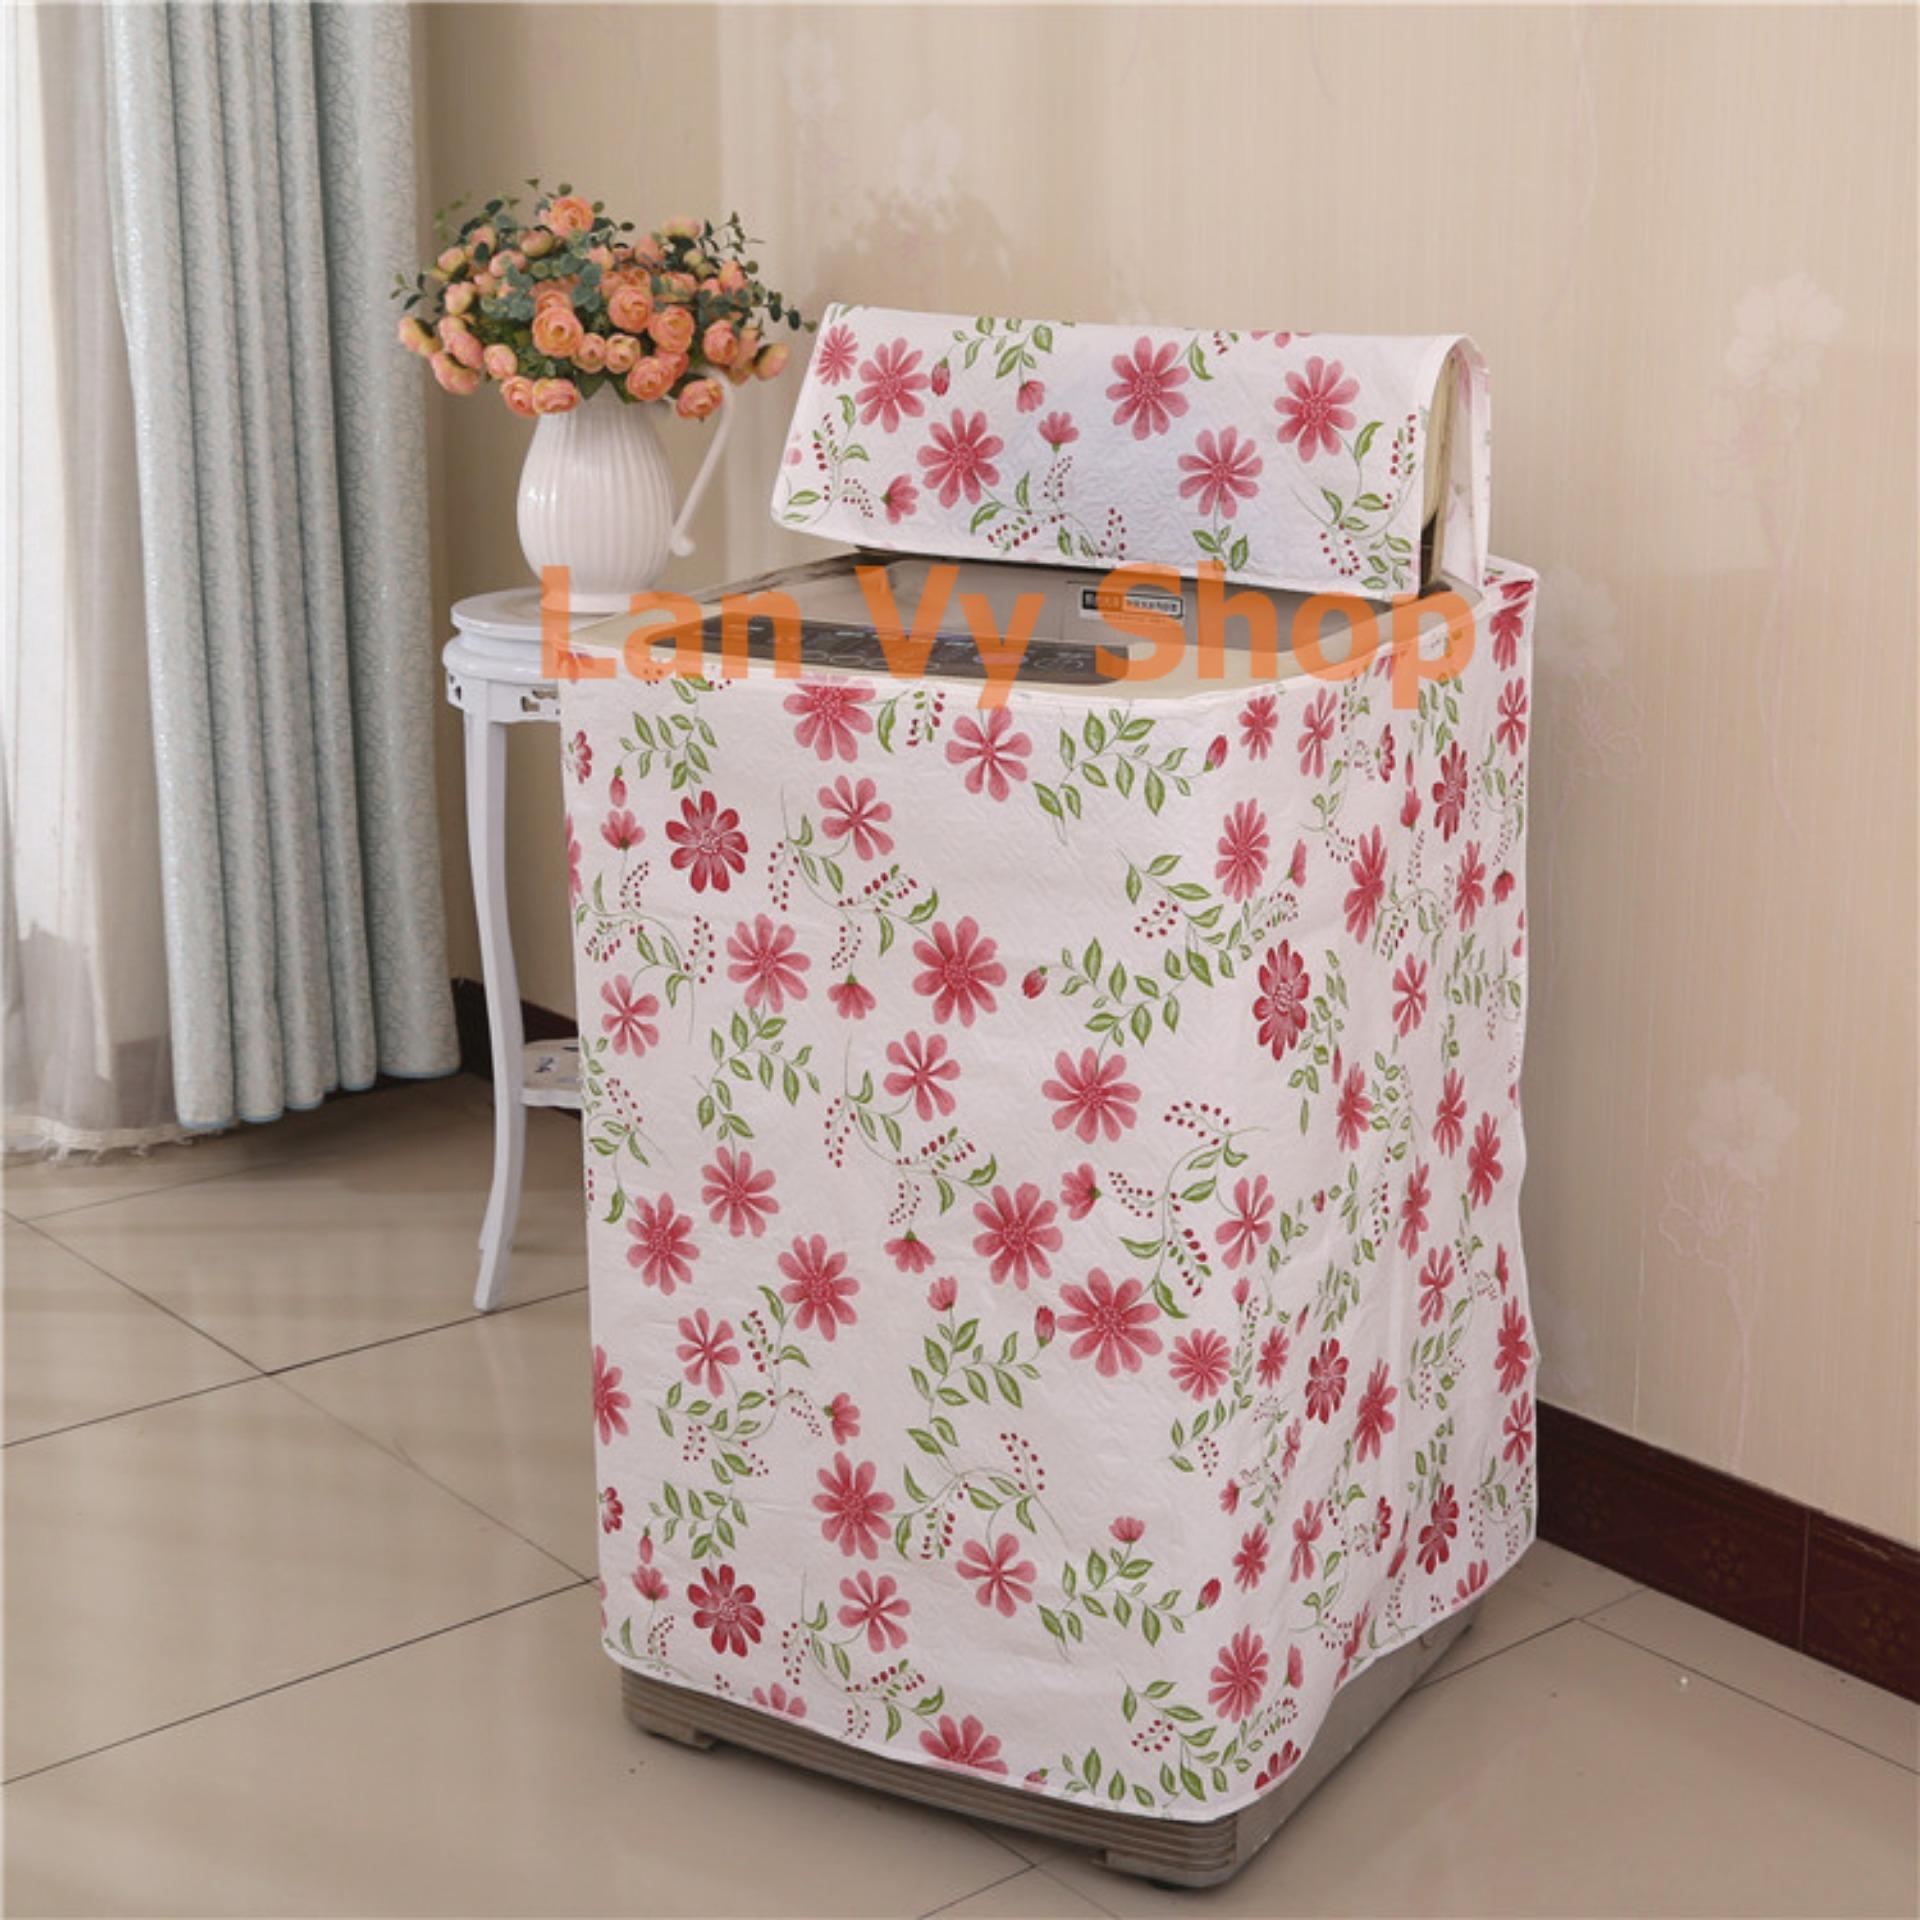 Áo trùm máy giặt 9kg - 10kg - vải  PEVA 2 lớp - cửa trên- kích thước 61x64x90cm ( Tấm che, Miếng đậy, Bạt Phủ ) Lan Vy Shop